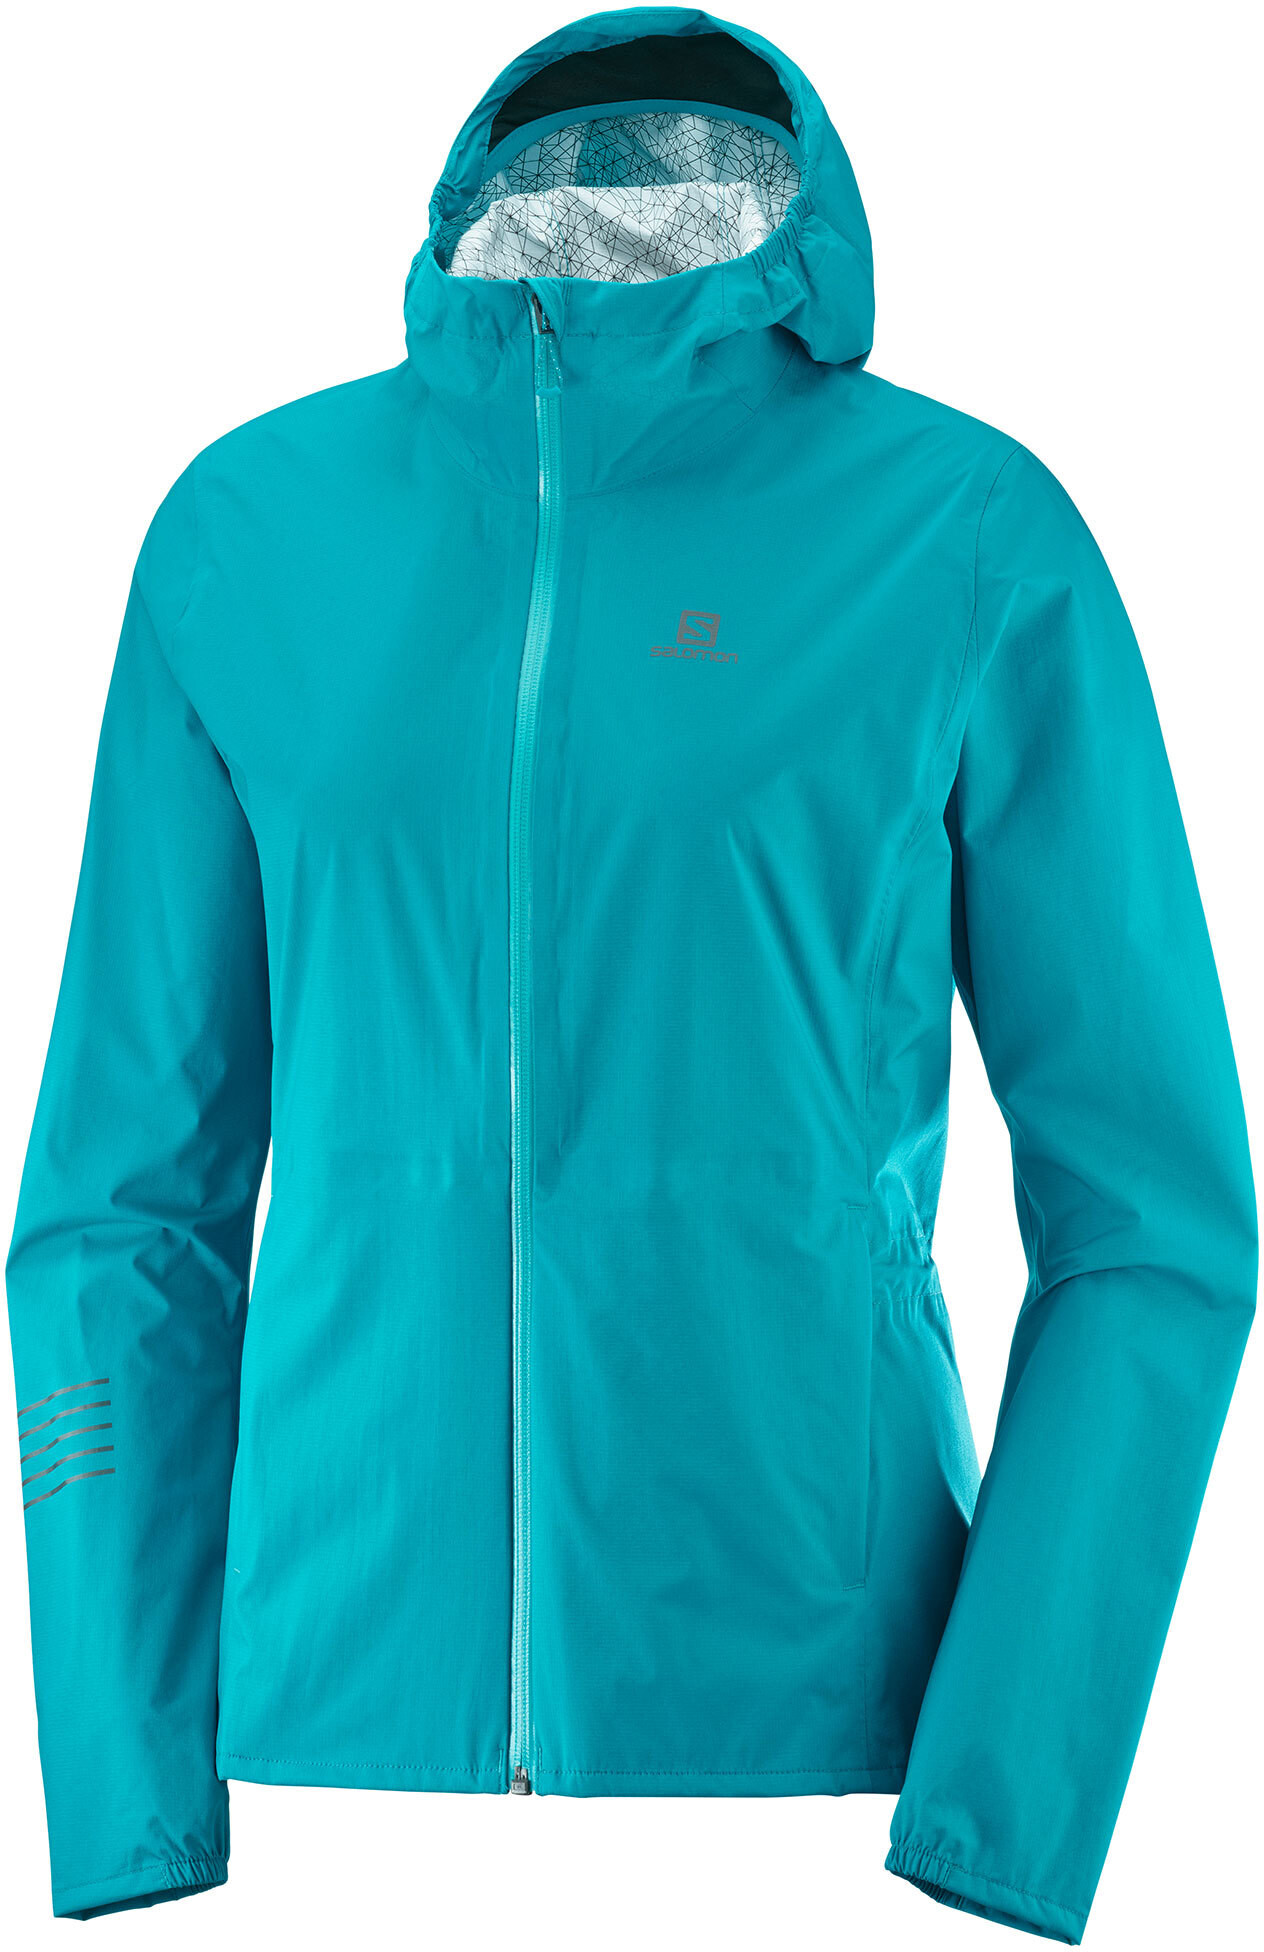 Salomon Lightning WP Jacket Women tile blue